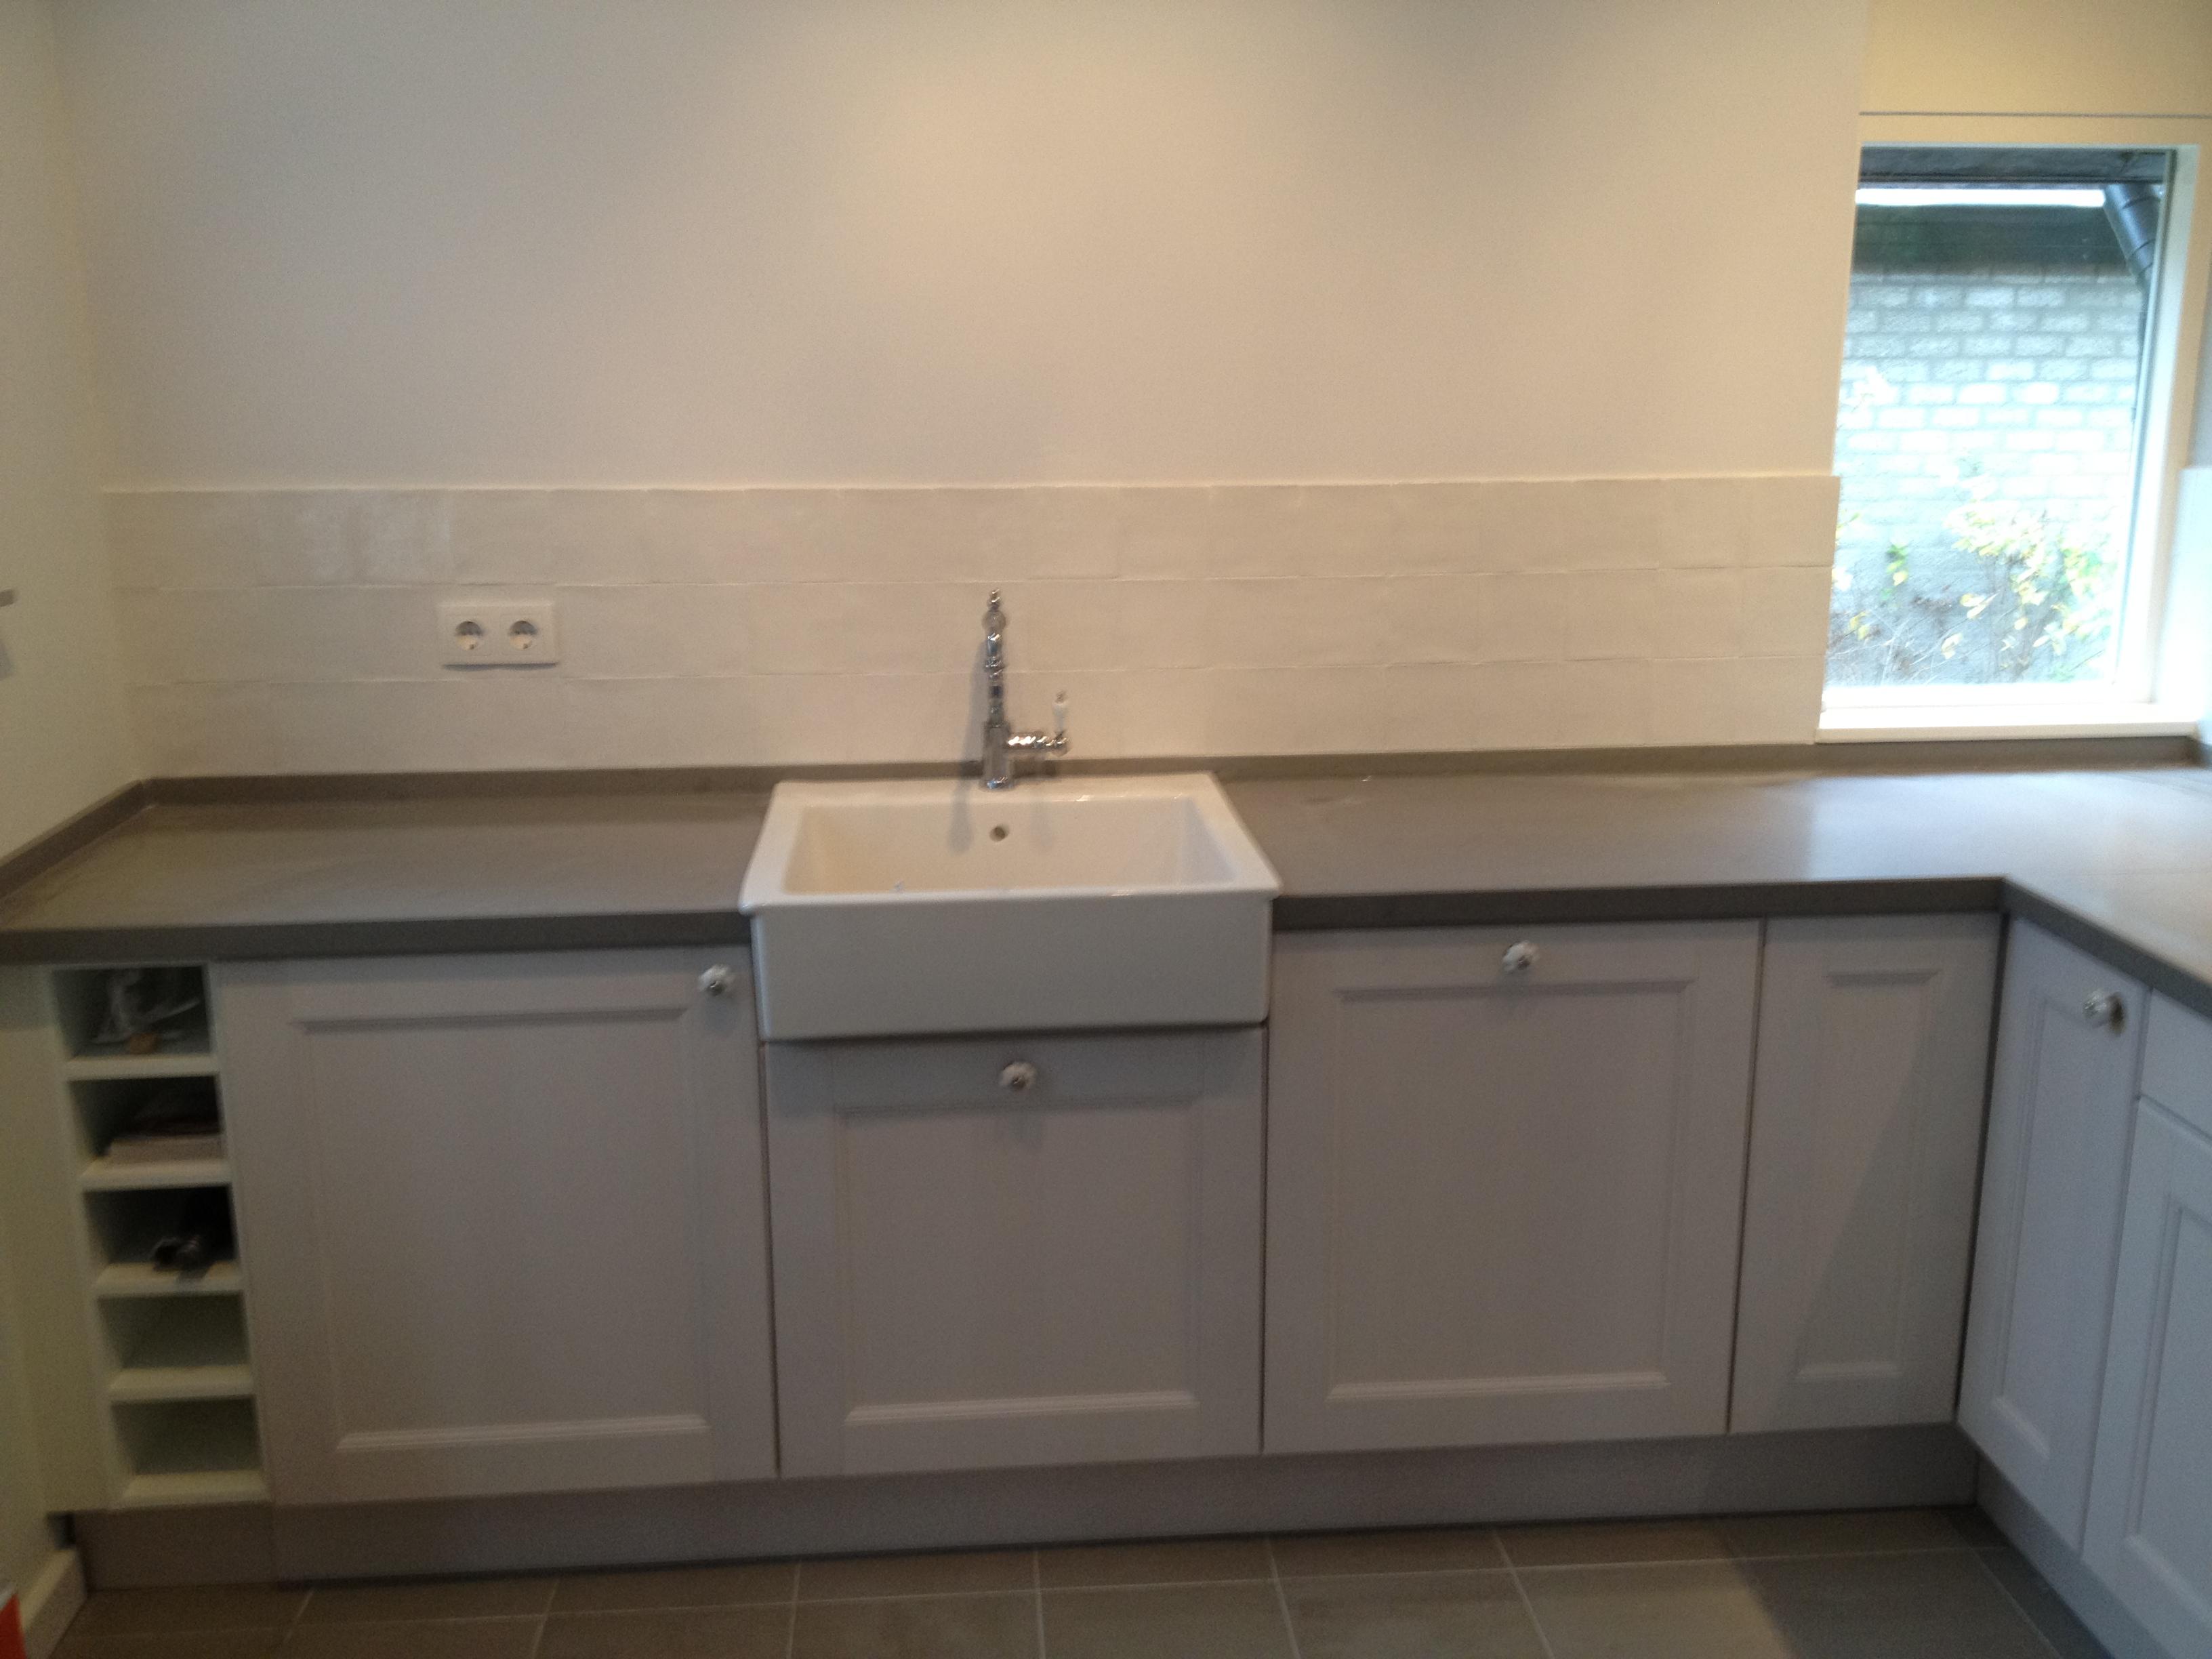 Keuken Ikea Stoere : Zwarte keuken ikea mooi kungsbacka keuken keuken ideeën